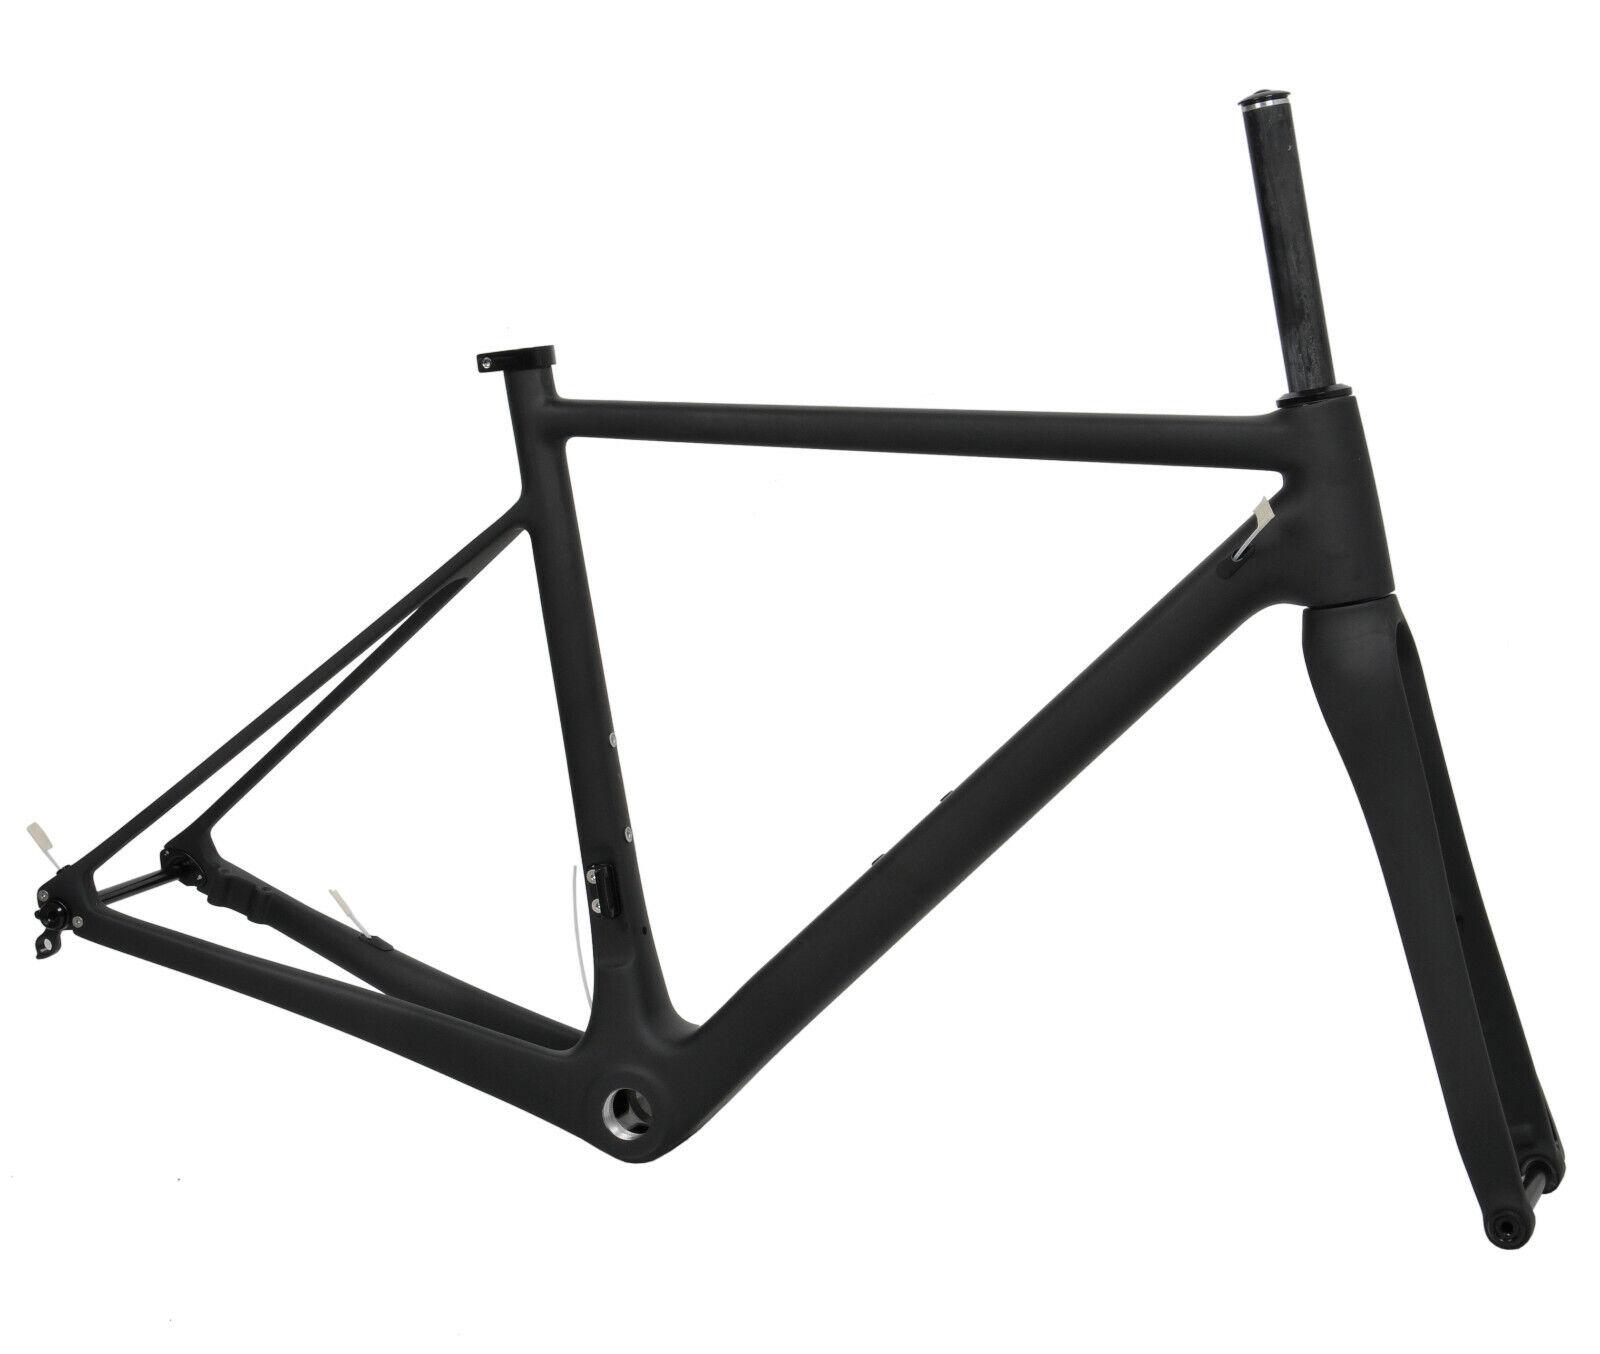 50cm Carbon Frame Disc Brake Road Bike Frameset fork headset axle 700C BSA 28C